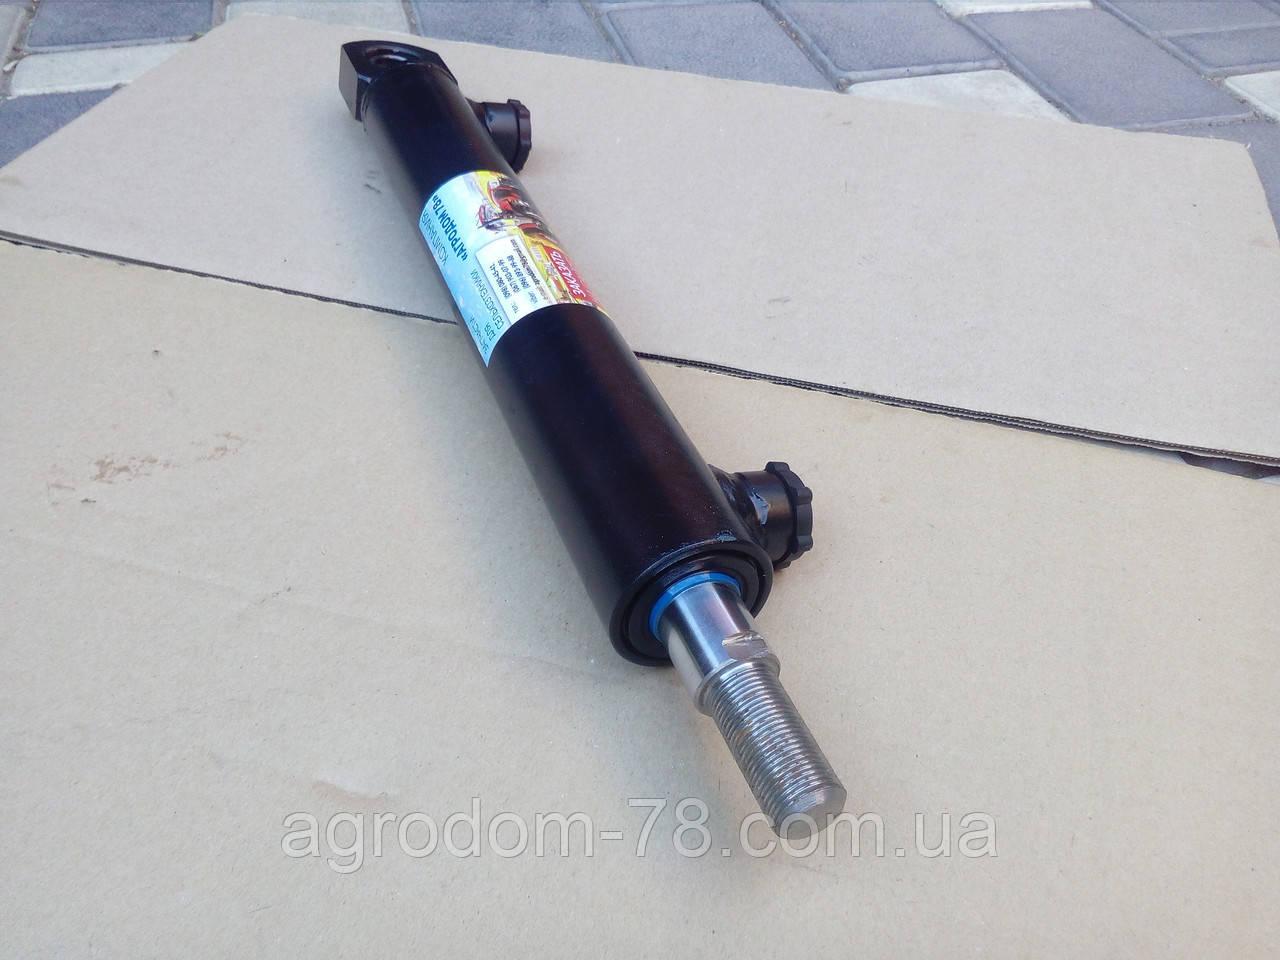 Гідроциліндр ЦС-40 поворотний рульової Ц40х250-12